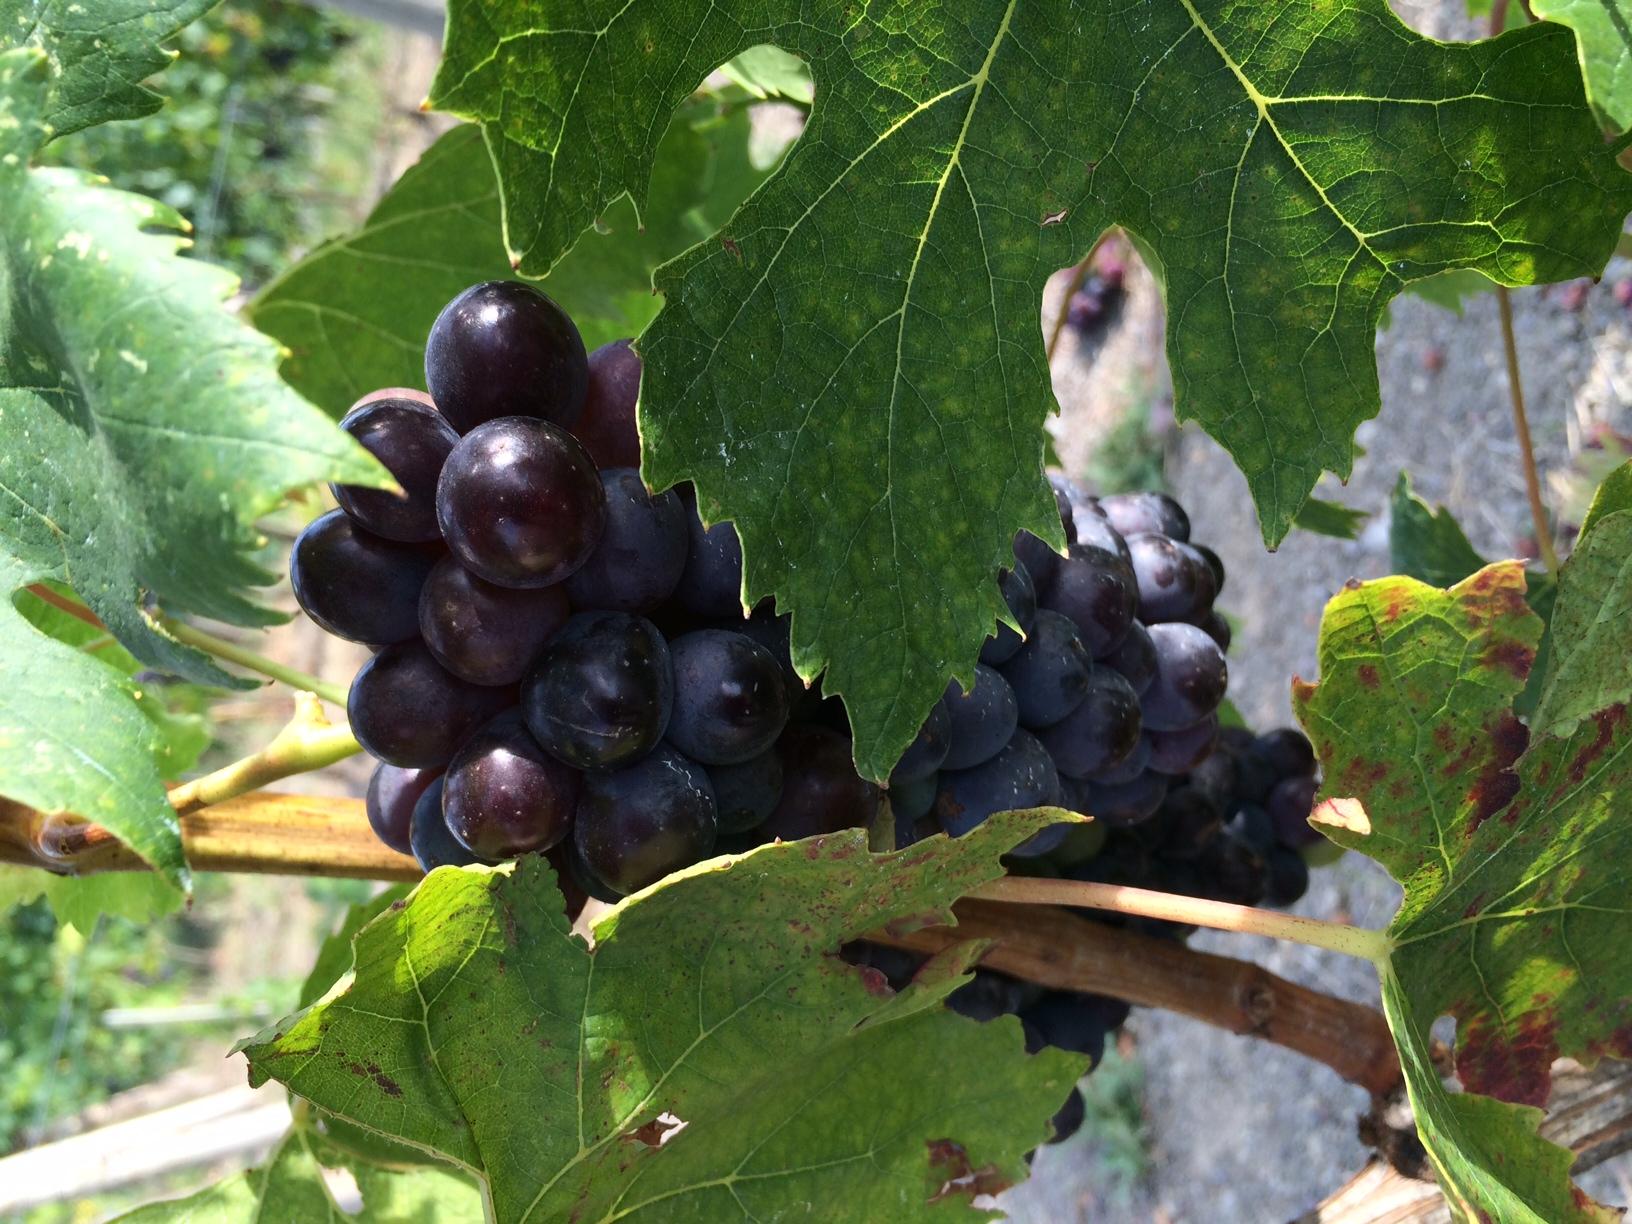 Grapes on the vine at Castiglion Del Bosco